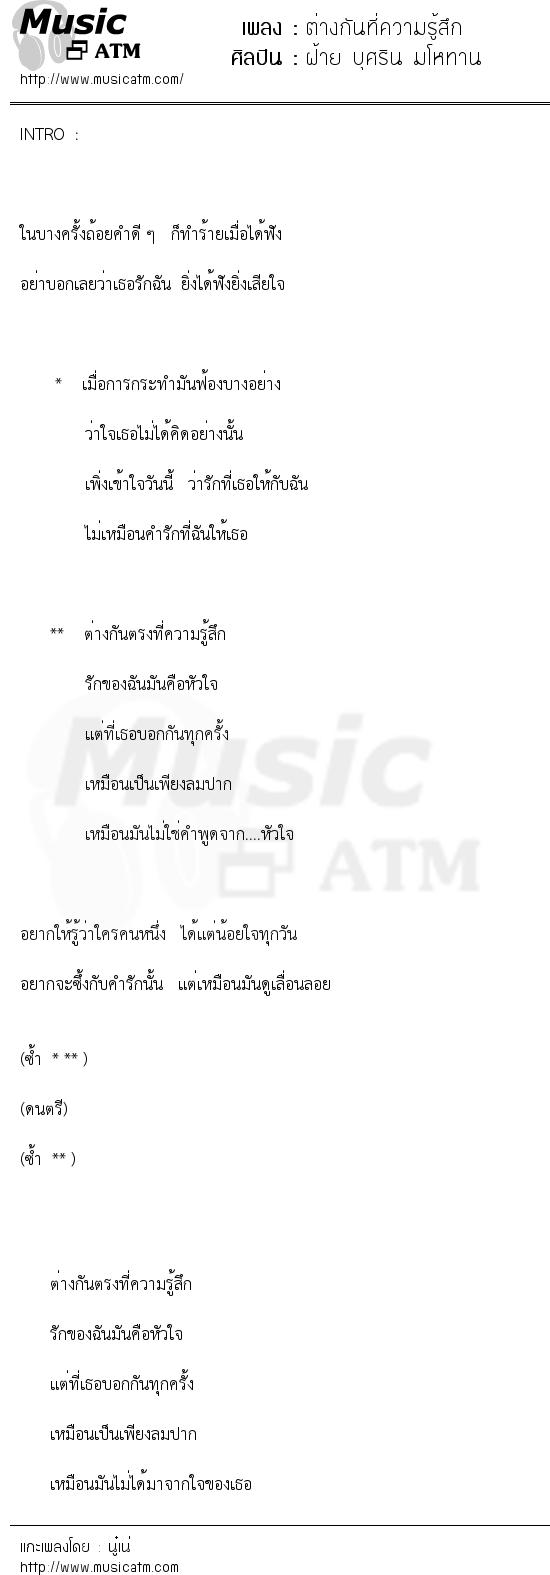 ต่างกันที่ความรู้สึก | เพลงไทย